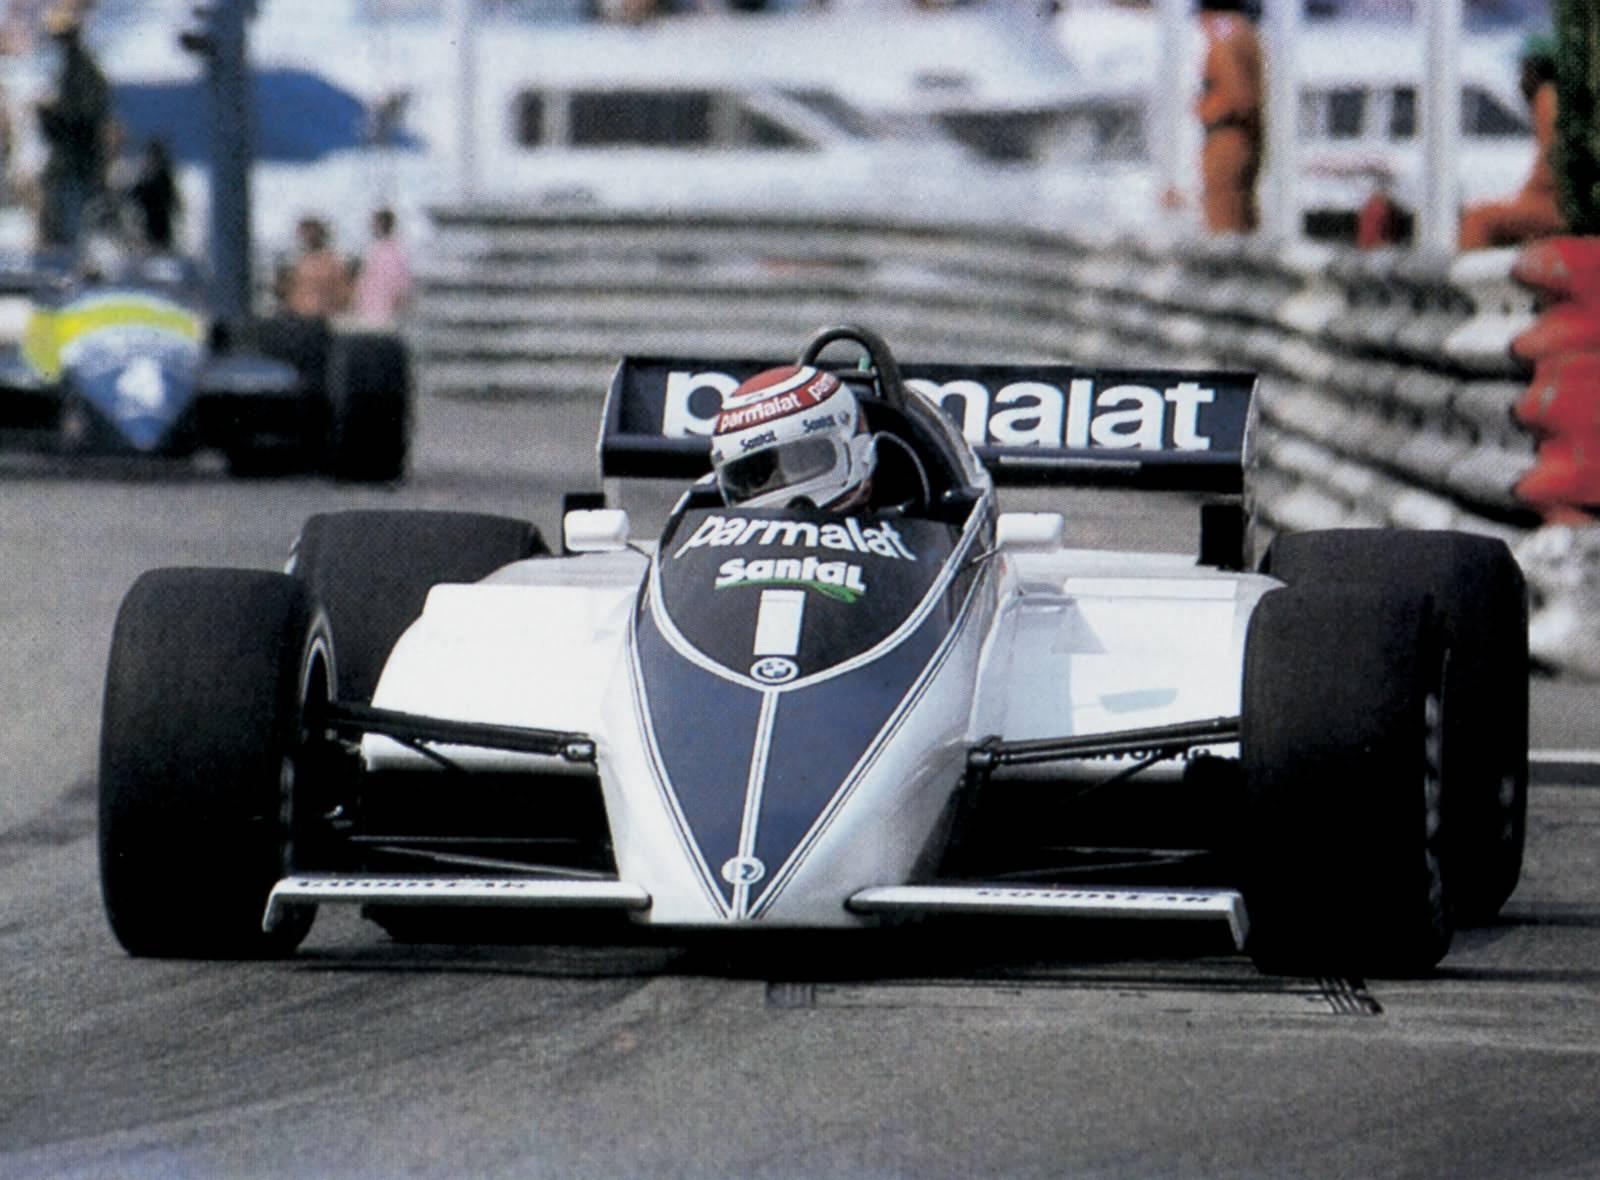 Nelson Piquet erringt den ersten F1-Sieg